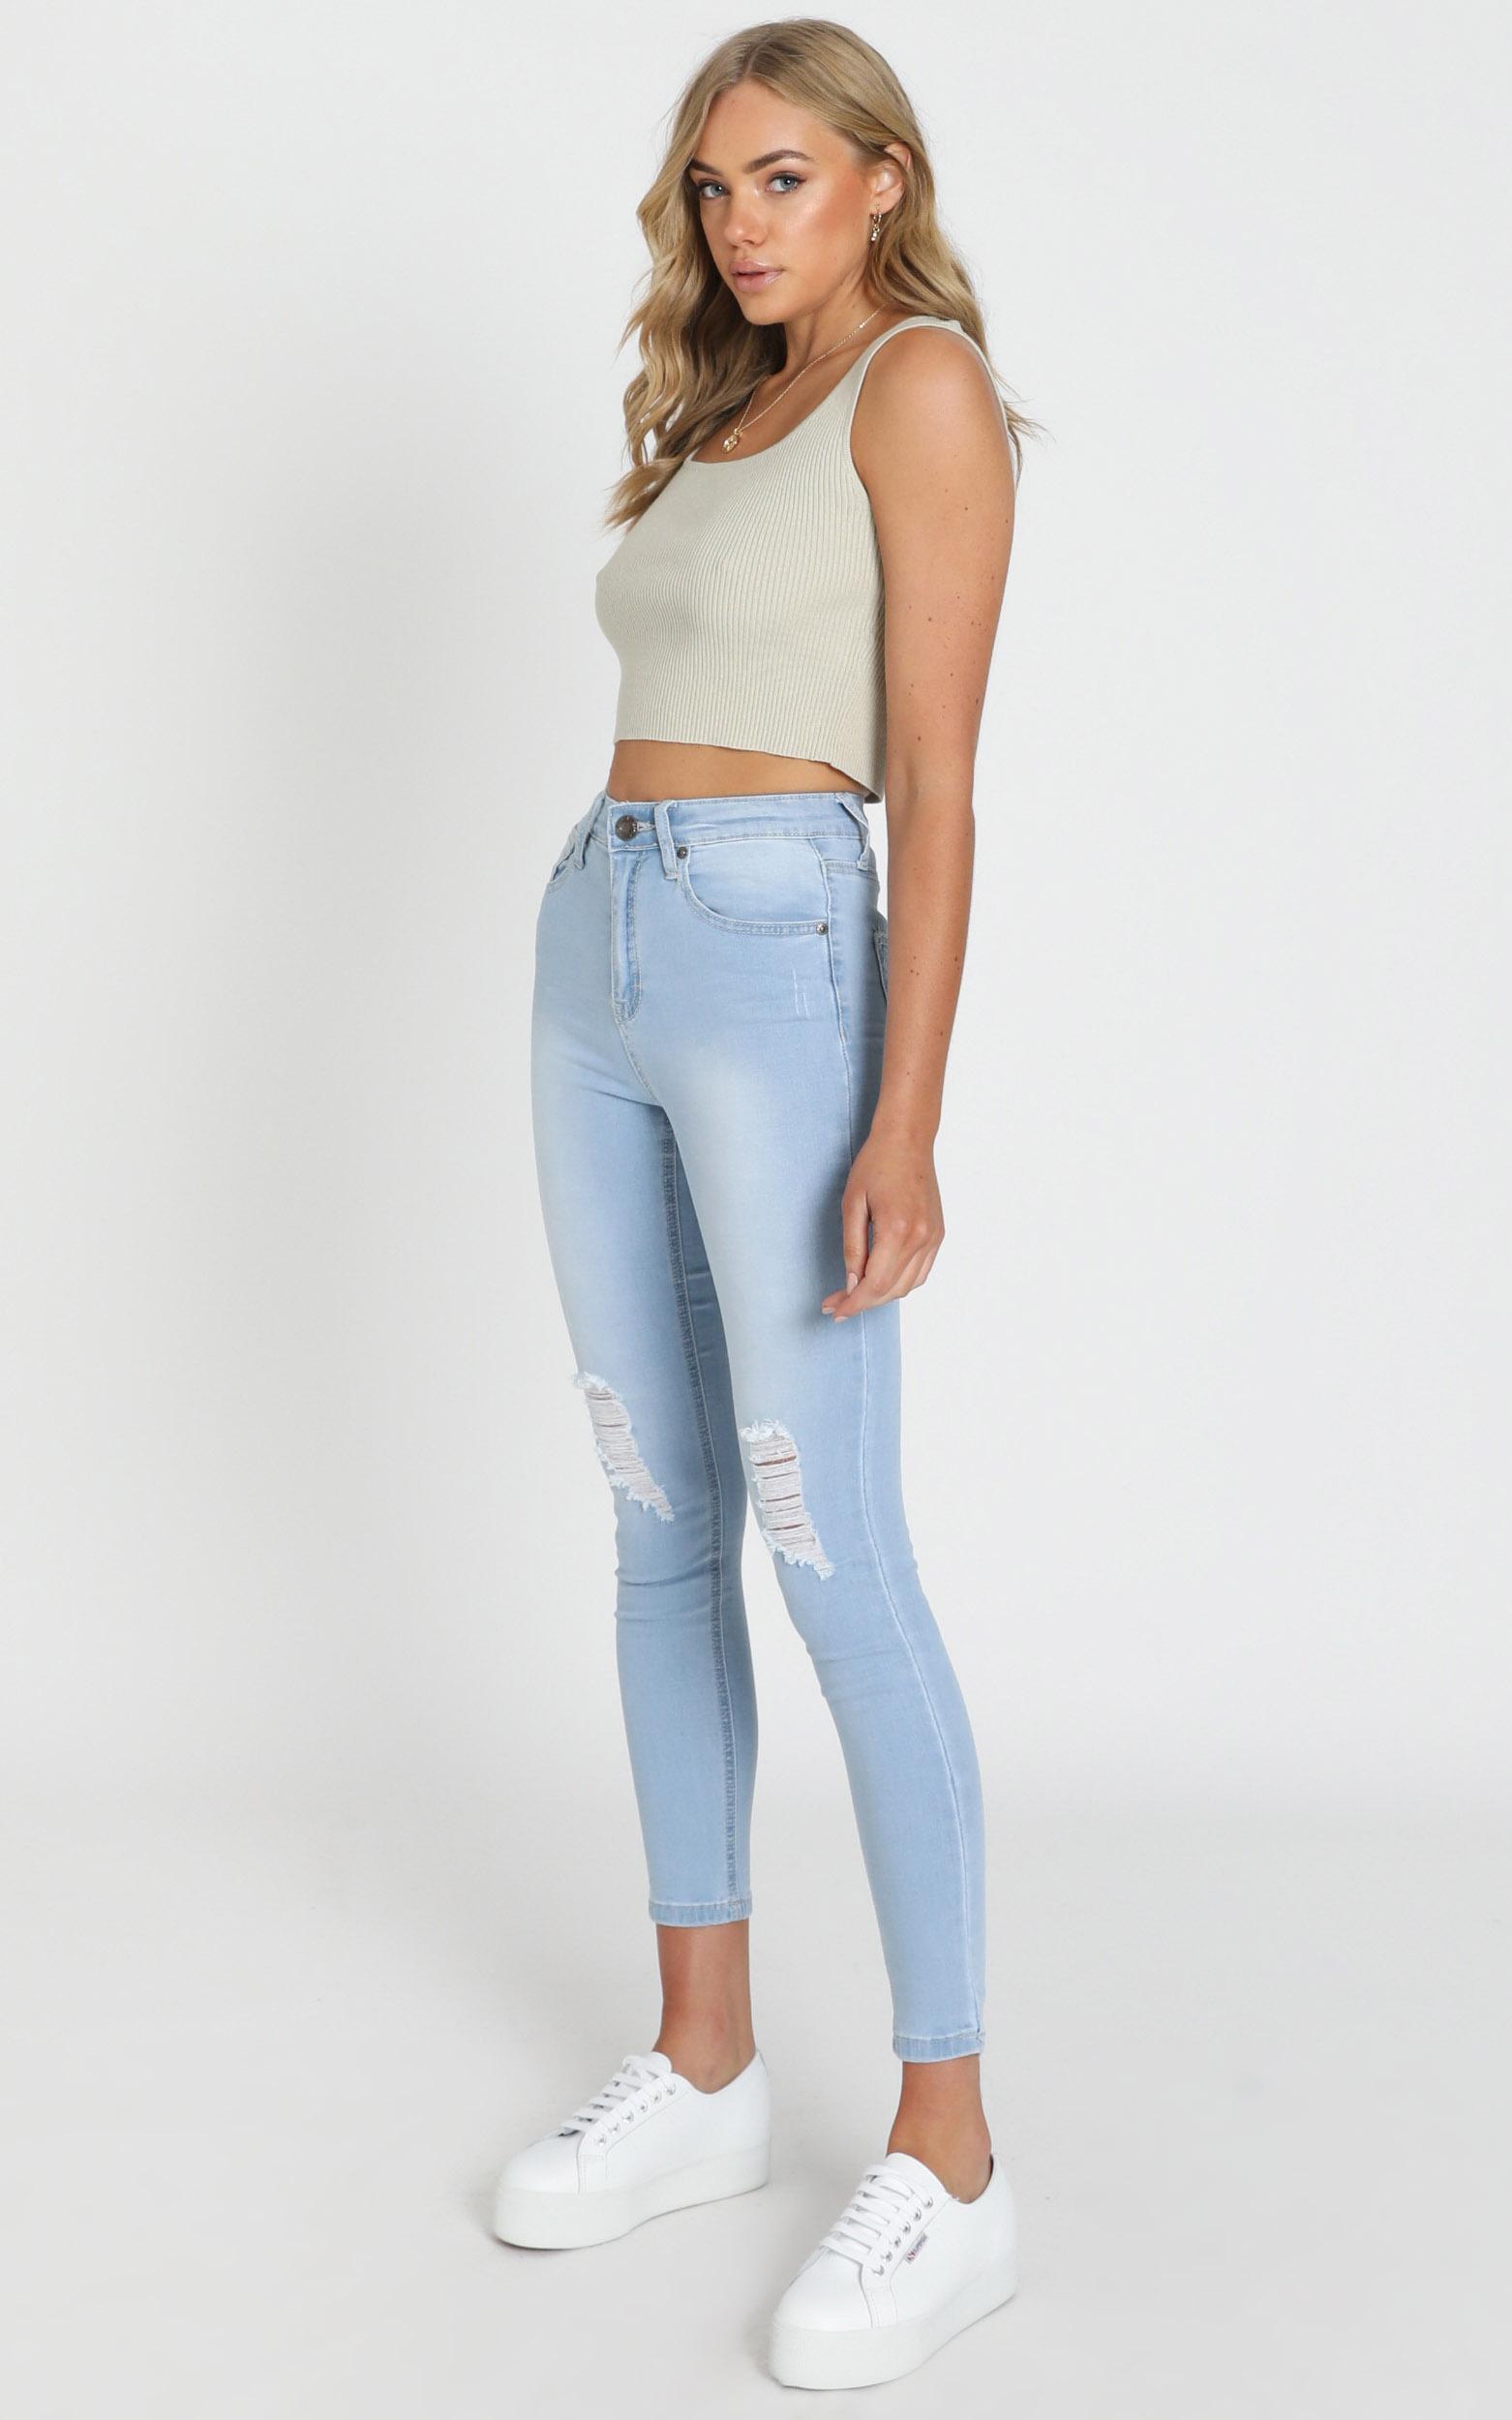 Brooke Skinny Jeans in Light Wash Denim - 20 (XXXXL), Blue, hi-res image number null